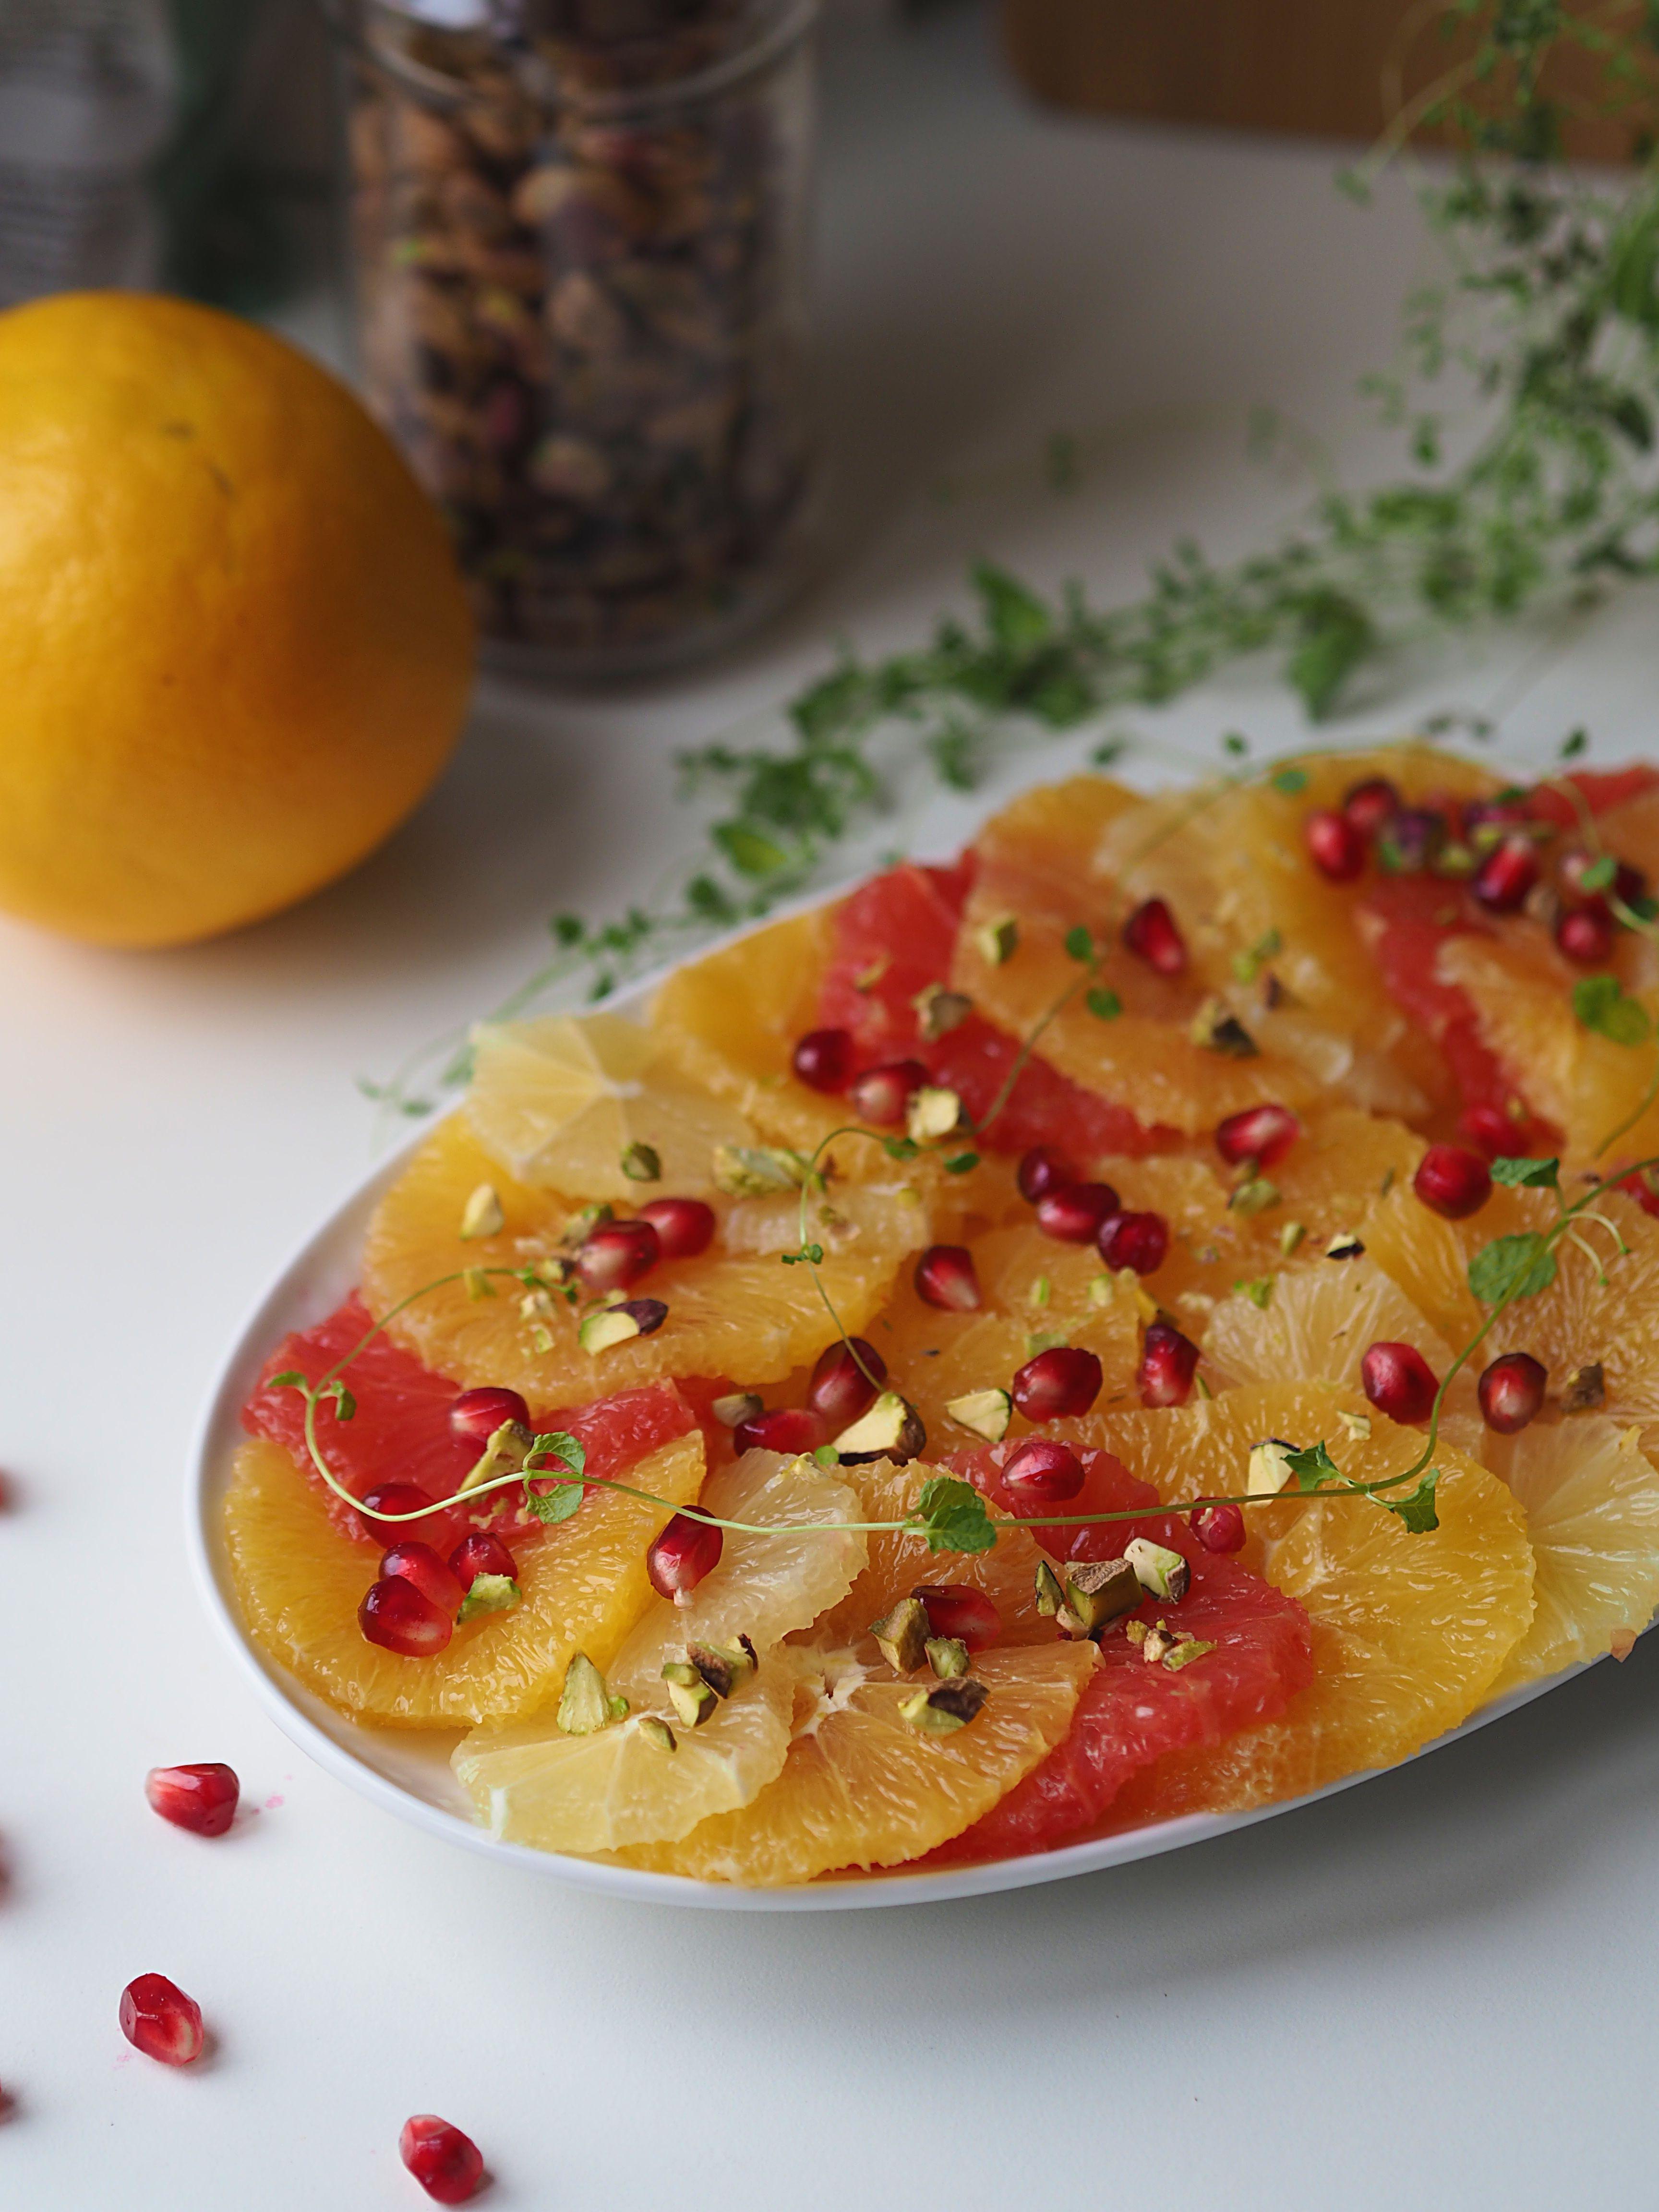 Citrussalat med pistacie og granatæble